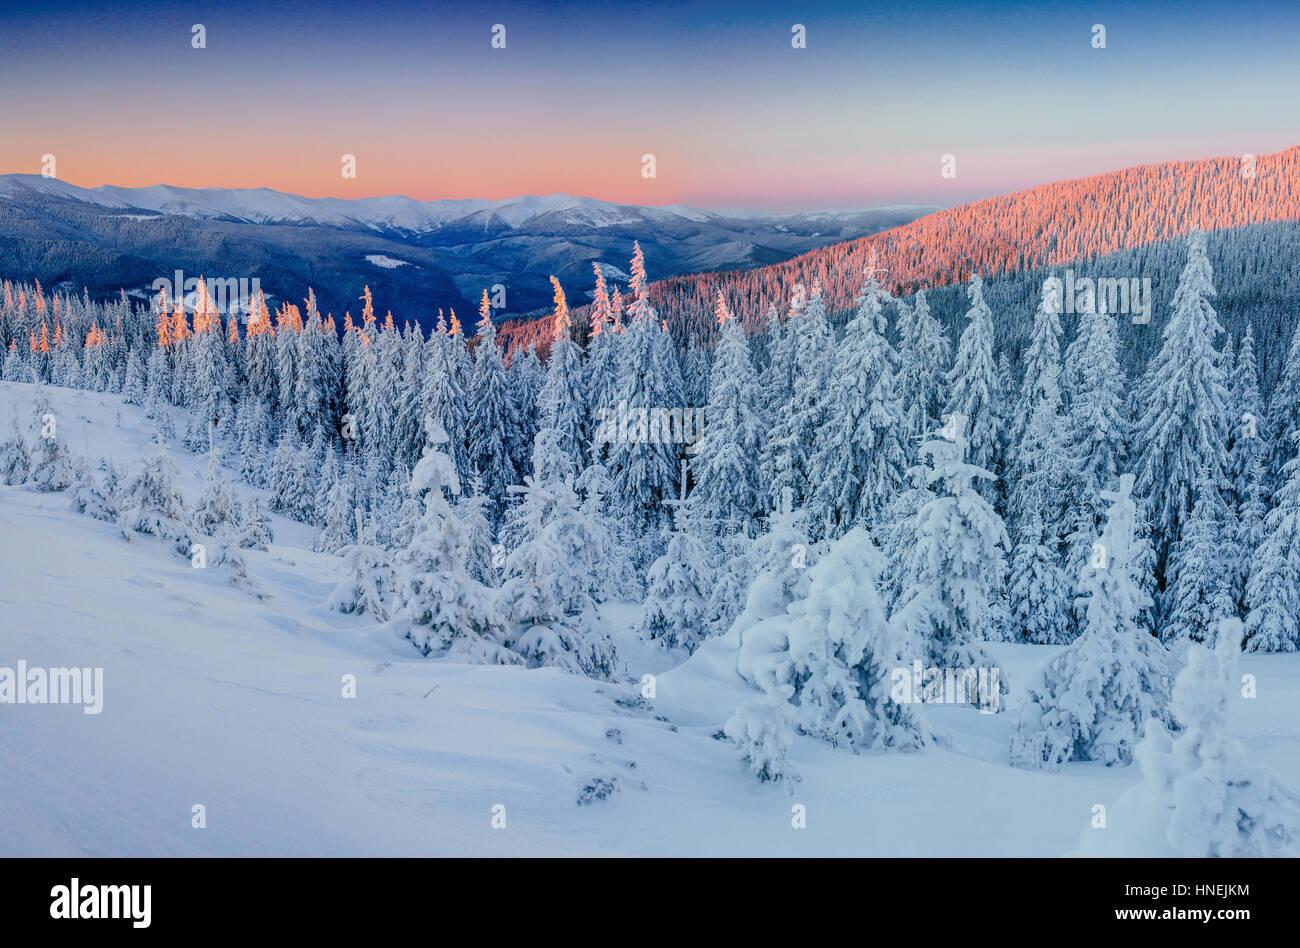 Fantástico paisaje de invierno en las montañas. En un atardecer mágico Imagen De Stock